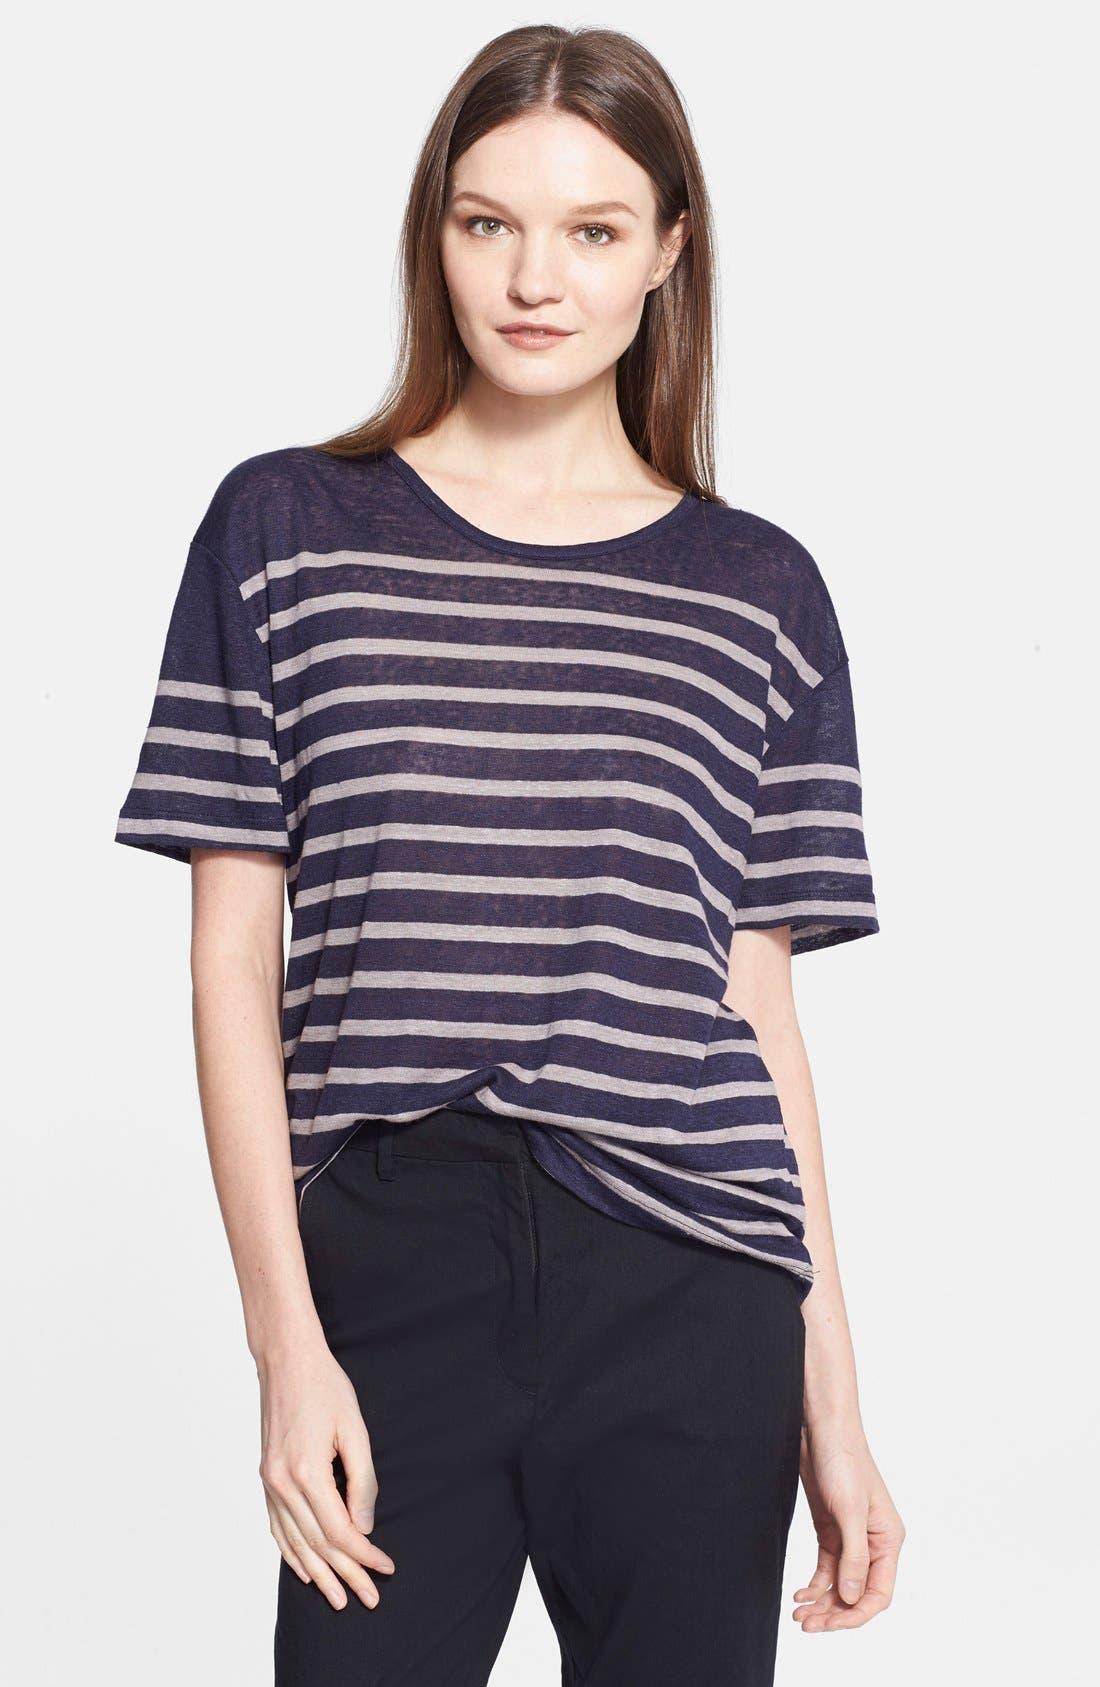 Alternate Image 1 Selected - Charlotte Gainsbourg for Current/Elliott 'The Short Sleeve Linen Stripe' Tee